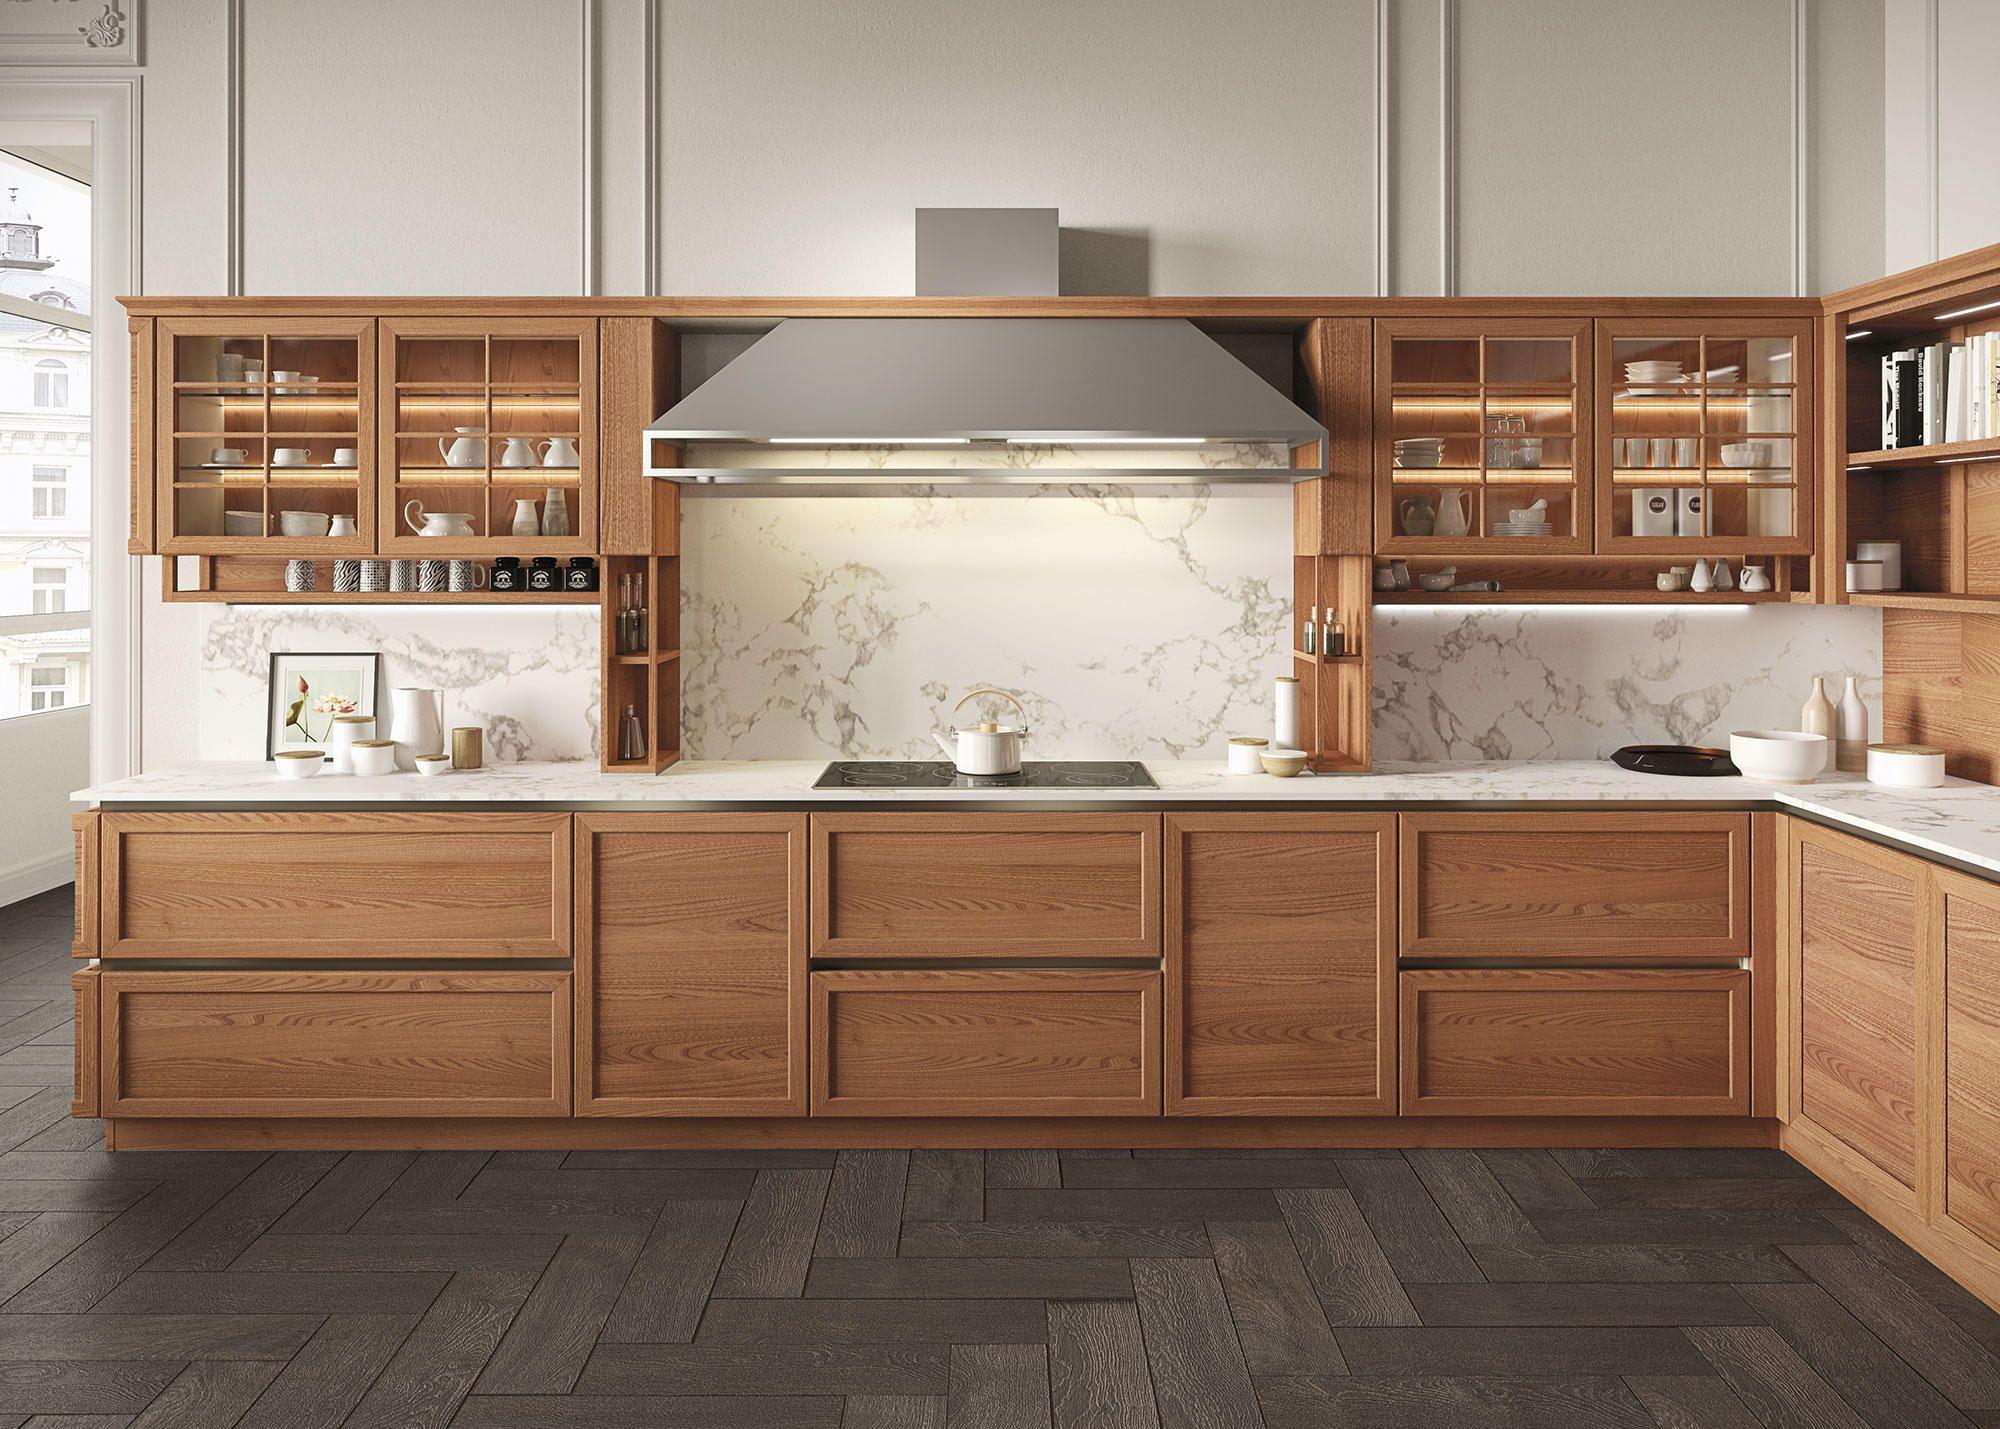 HERITAGE - Cocinas integrales de diseño de Snaidero ✓ toda la ...